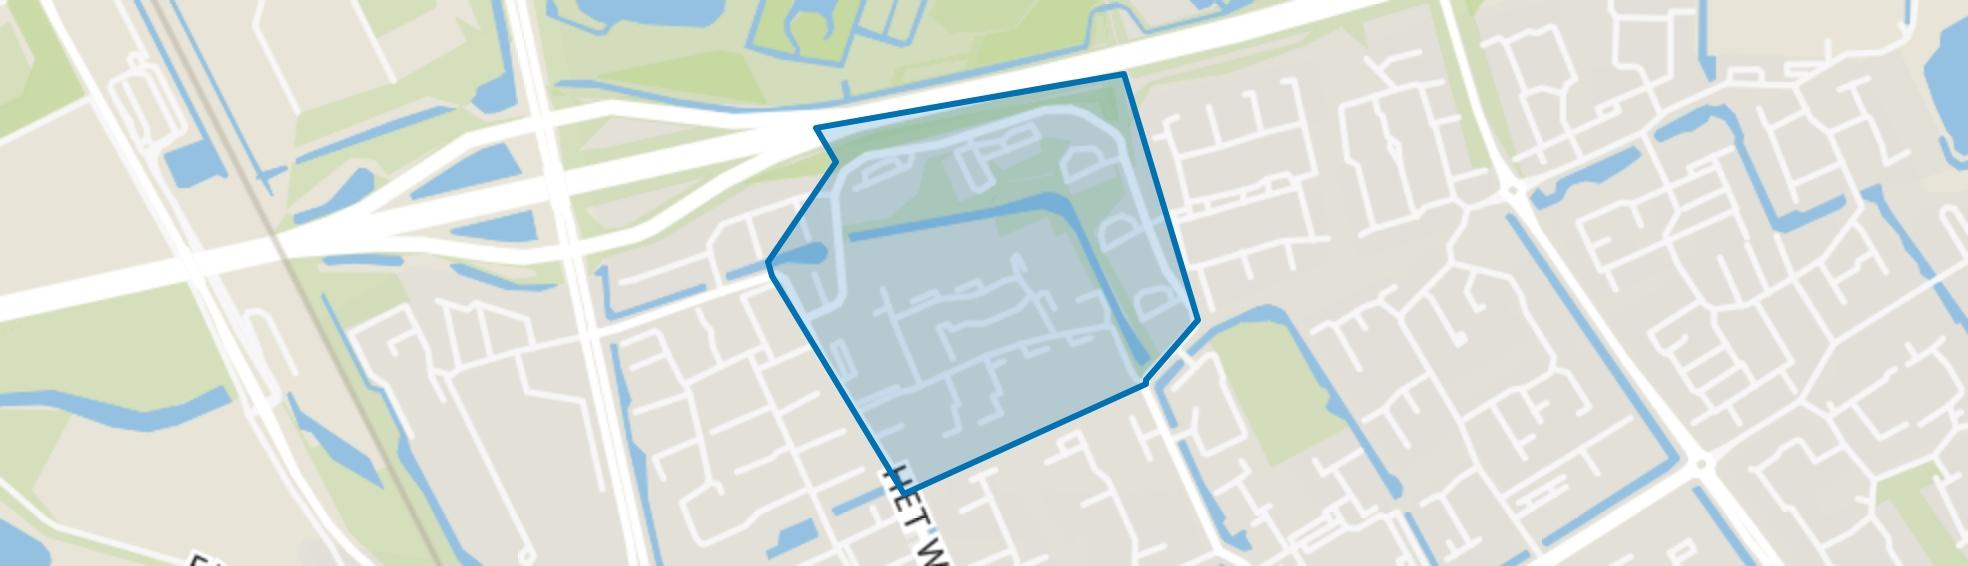 De Sprookjesbuurt, Den Bosch map